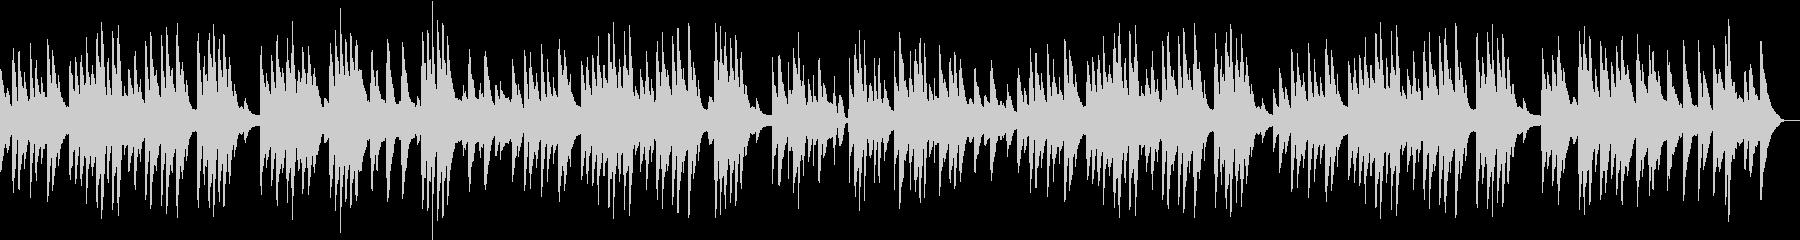 不思議な雰囲気のソロピアノ曲の未再生の波形